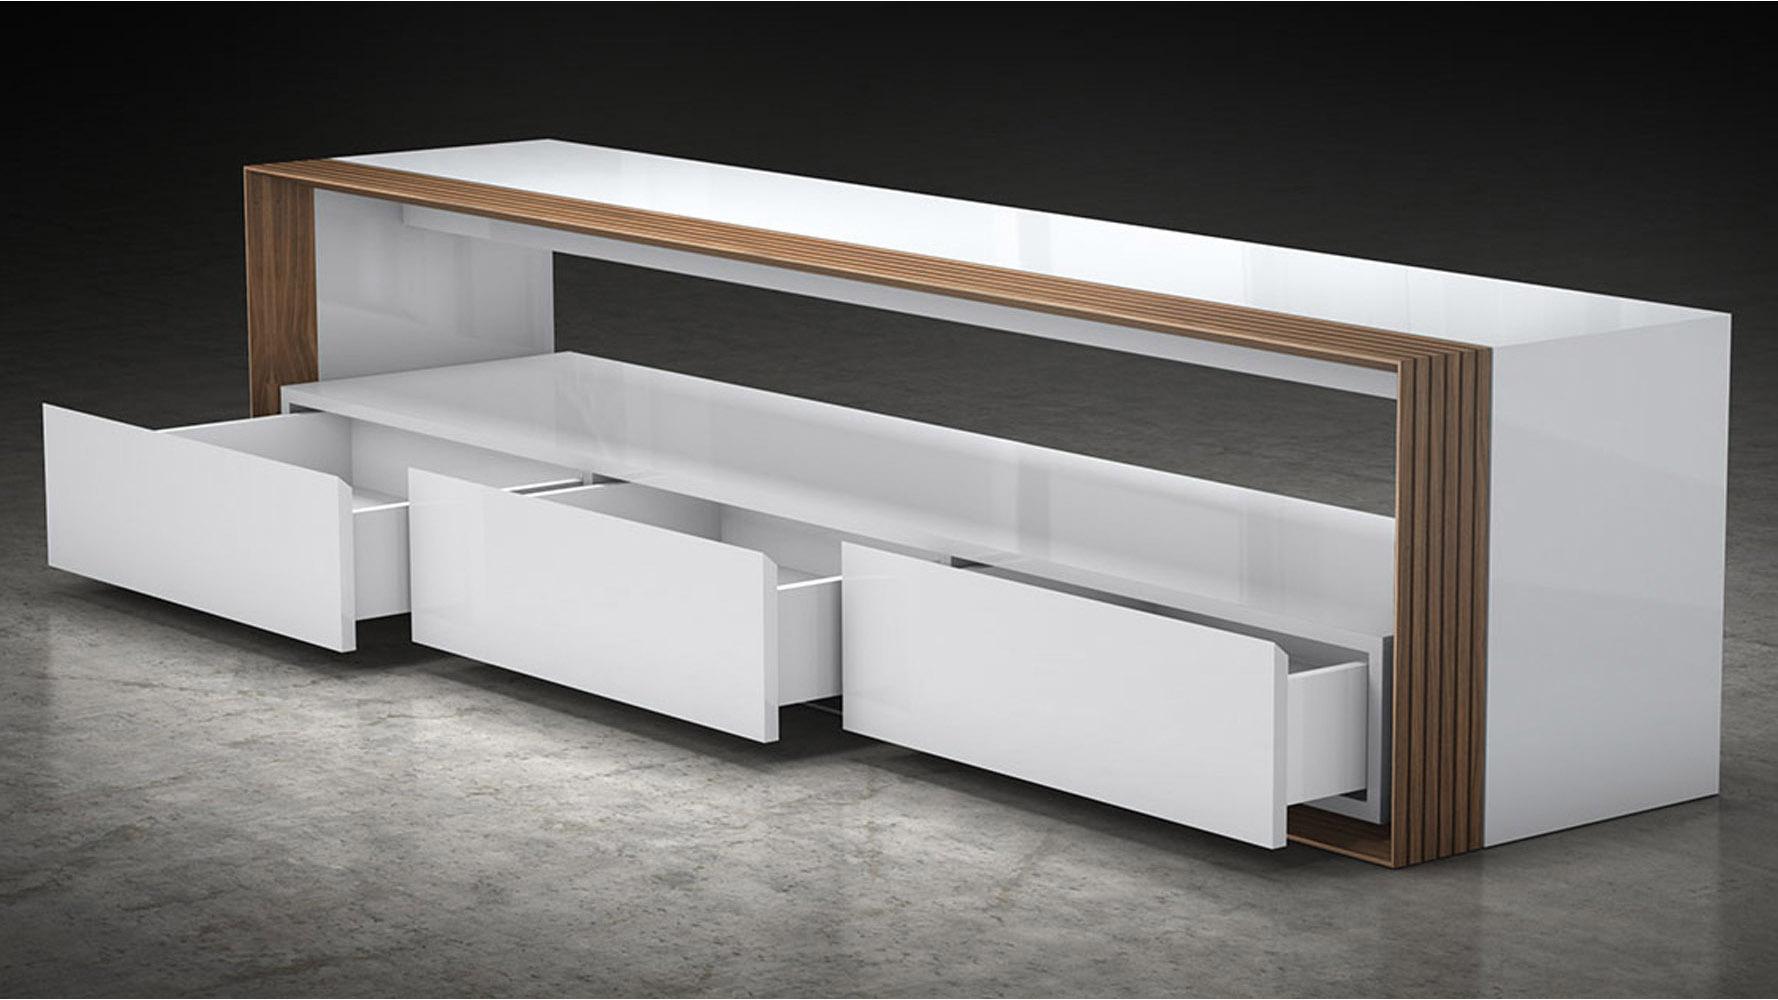 Badan Wood 79 In Media Console Zuri Furniture